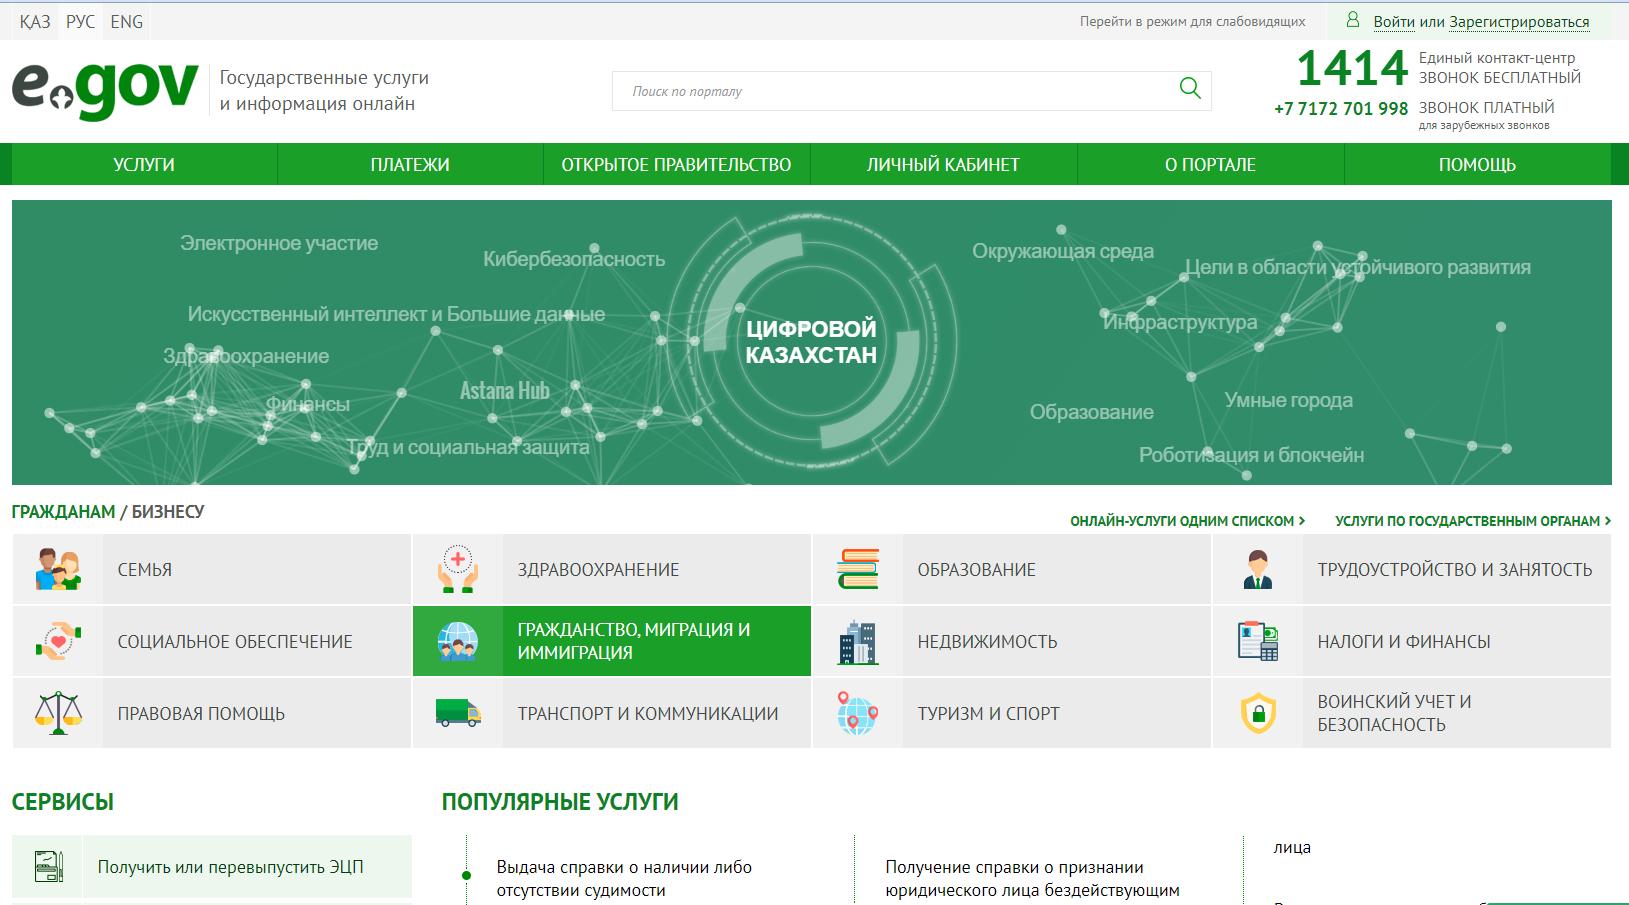 Временная регистрация граждан в Казахстане онлайн 2019